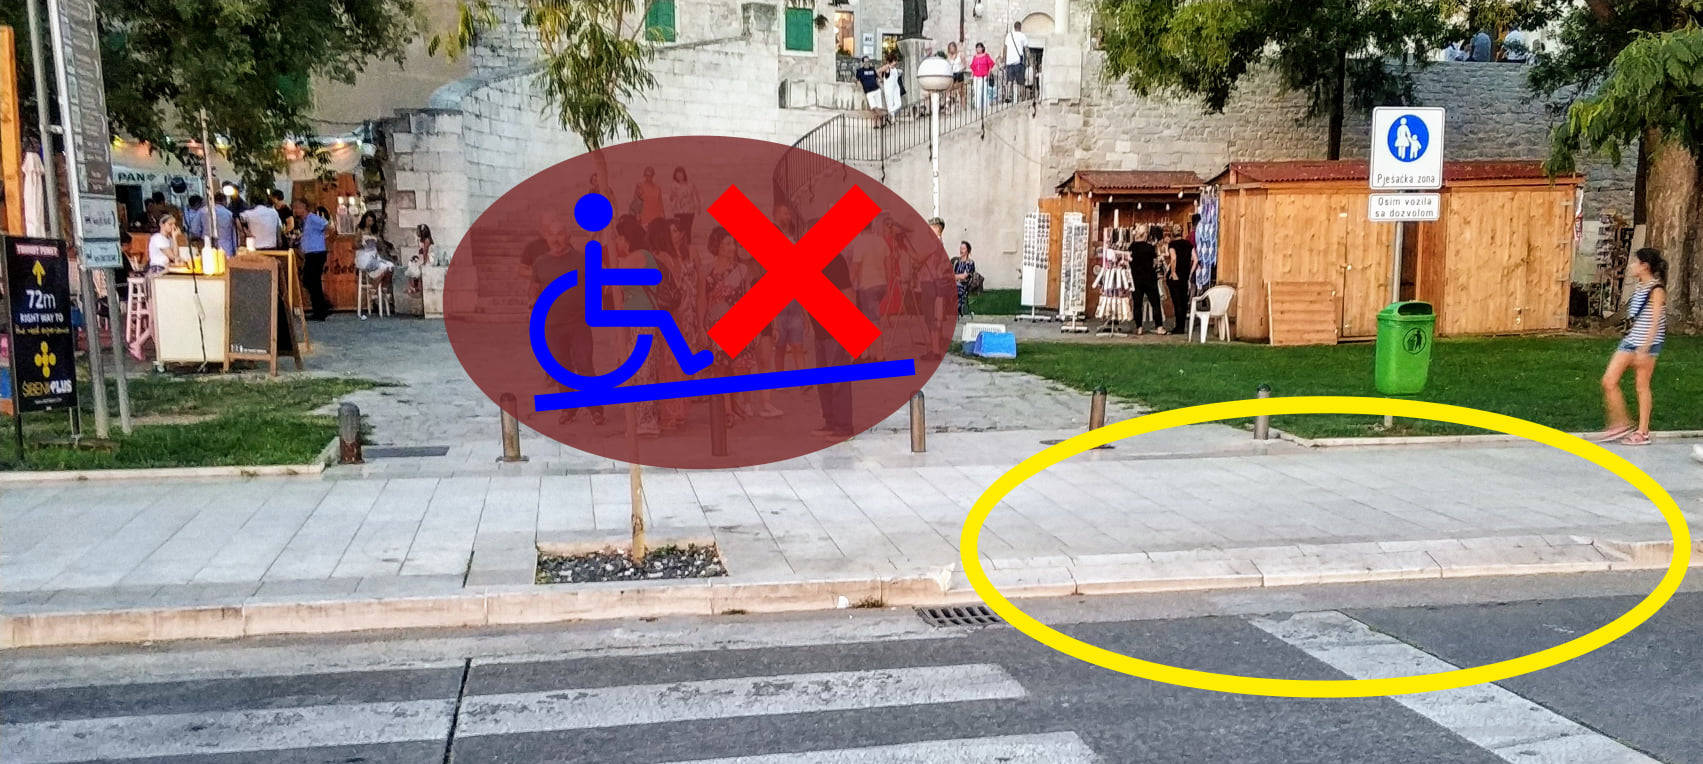 Potpuna nebriga za osobe s invaliditetom